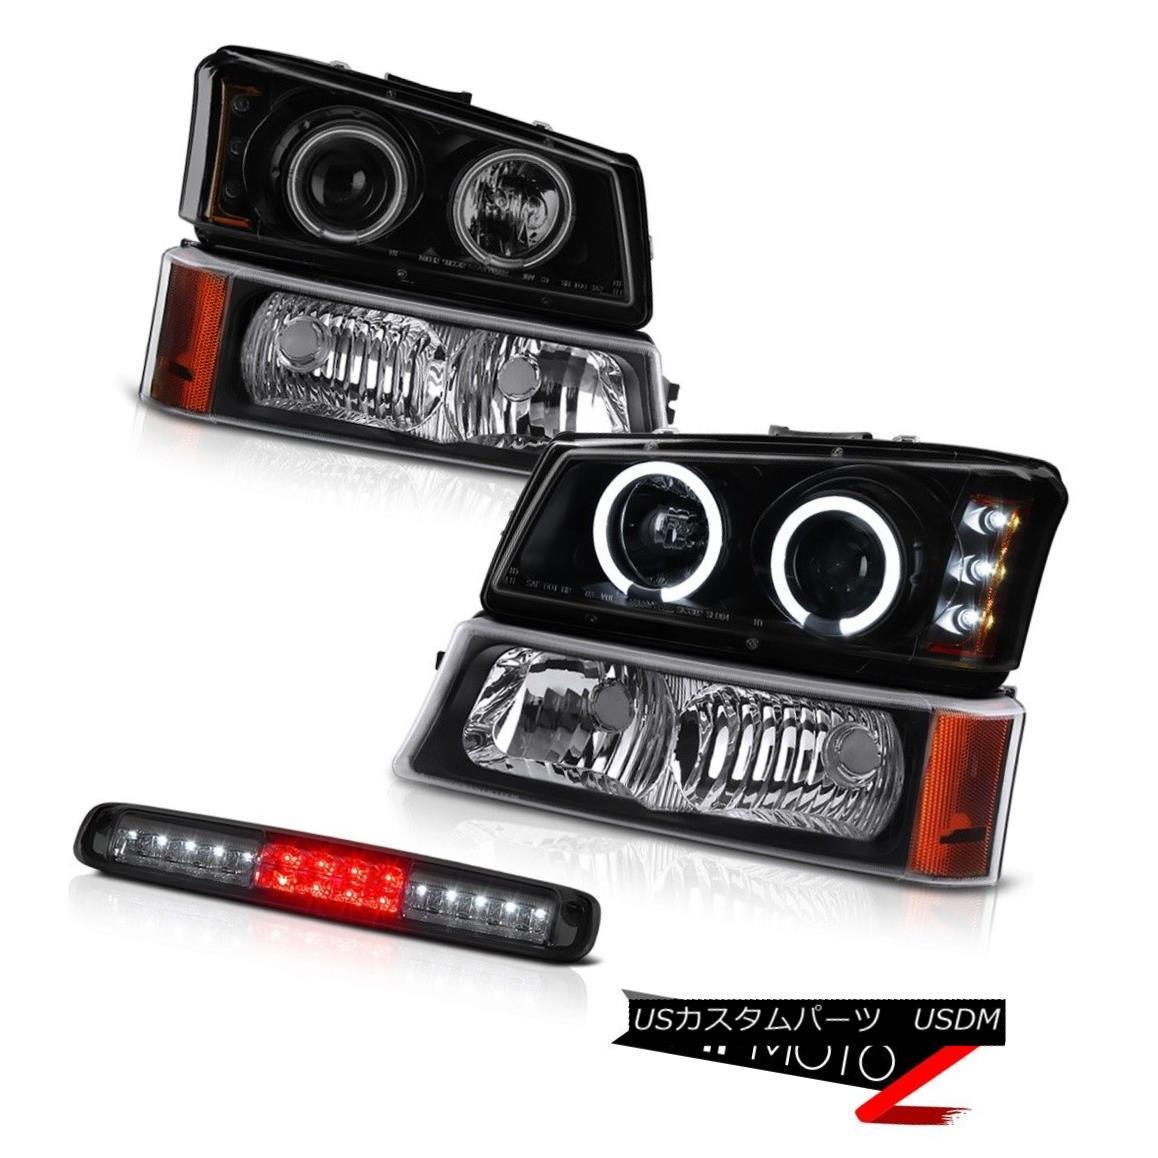 ヘッドライト 03-06 Silverado 2500Hd Smoked Roof Cab Light Nighthawk Black Signal Headlamps 03-06 Silverado 2500Hdスモークルーフキャブライトナイトホークブラックシグナルヘッドランプ